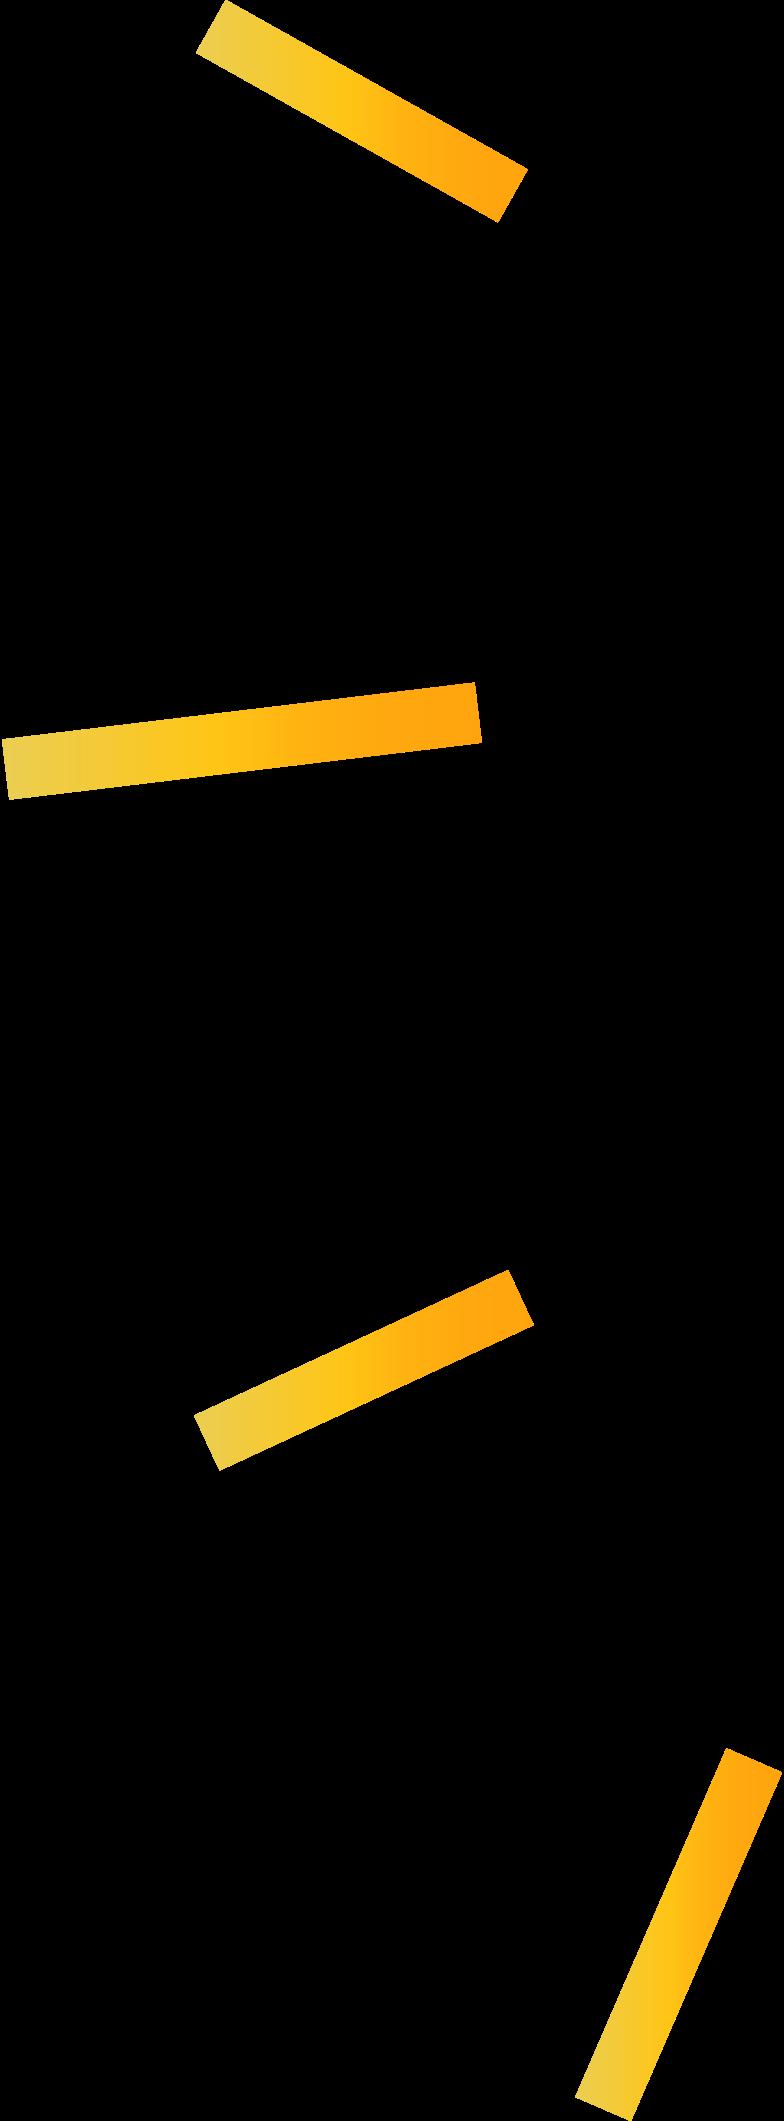 sparks left Clipart illustration in PNG, SVG